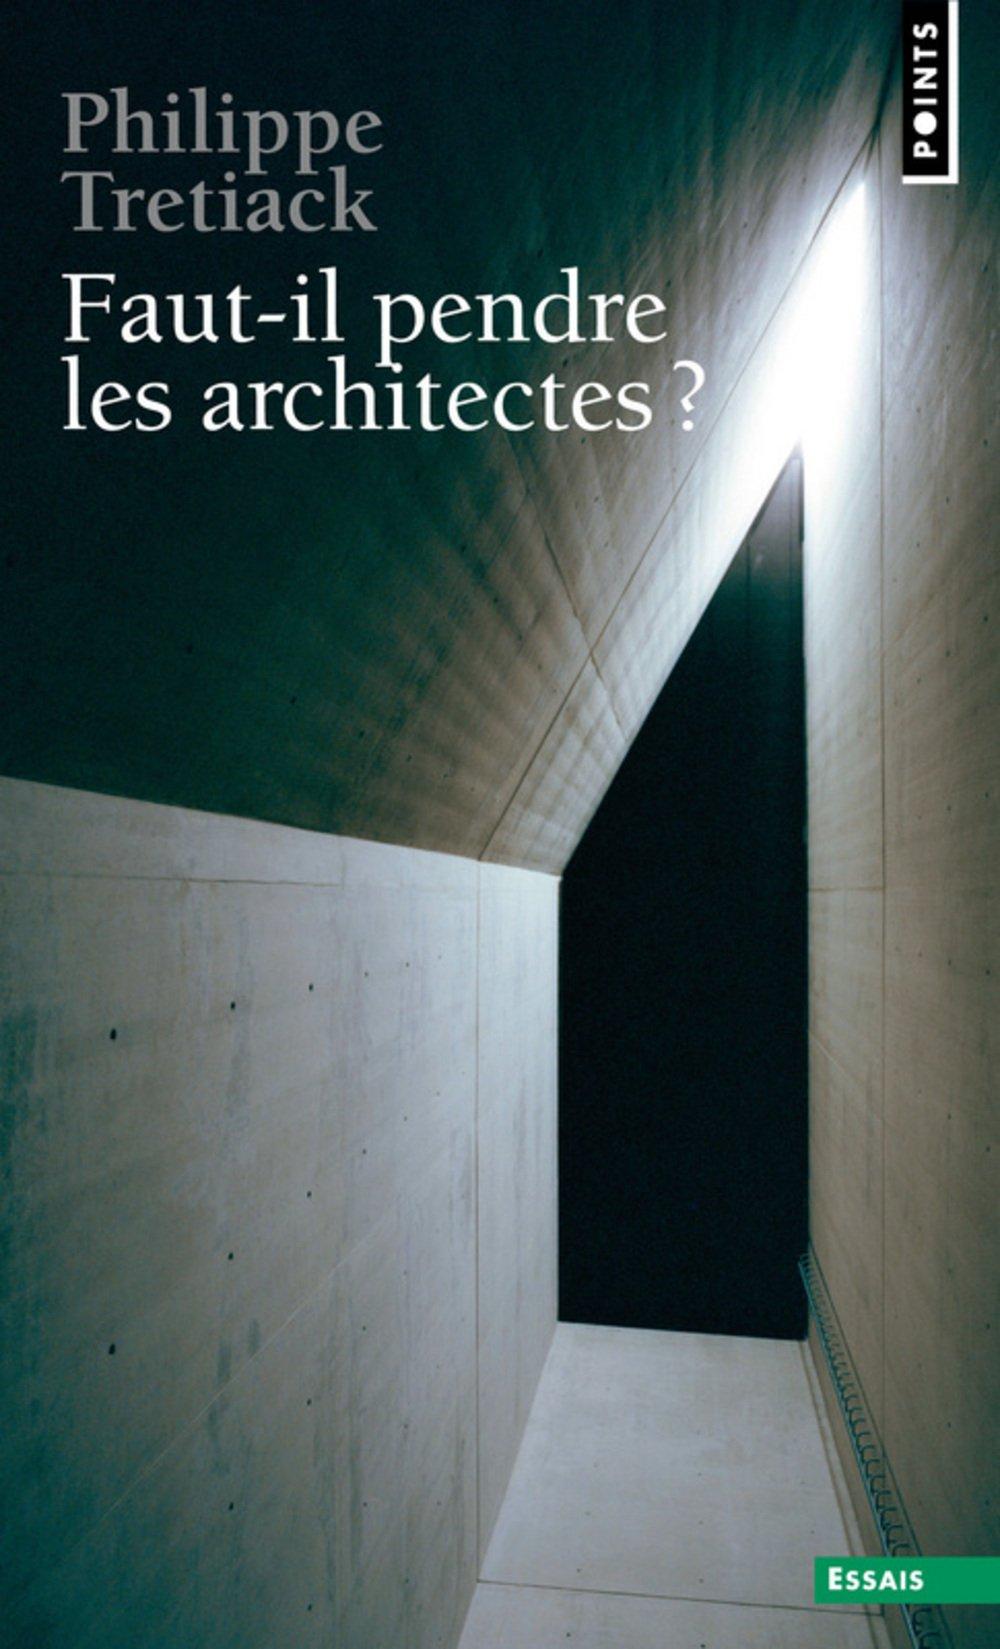 Faut-il pendre les architectes ? Broché – 3 avril 2001 Philippe Tretiack Seuil 2020372126 Documents - Polémiques